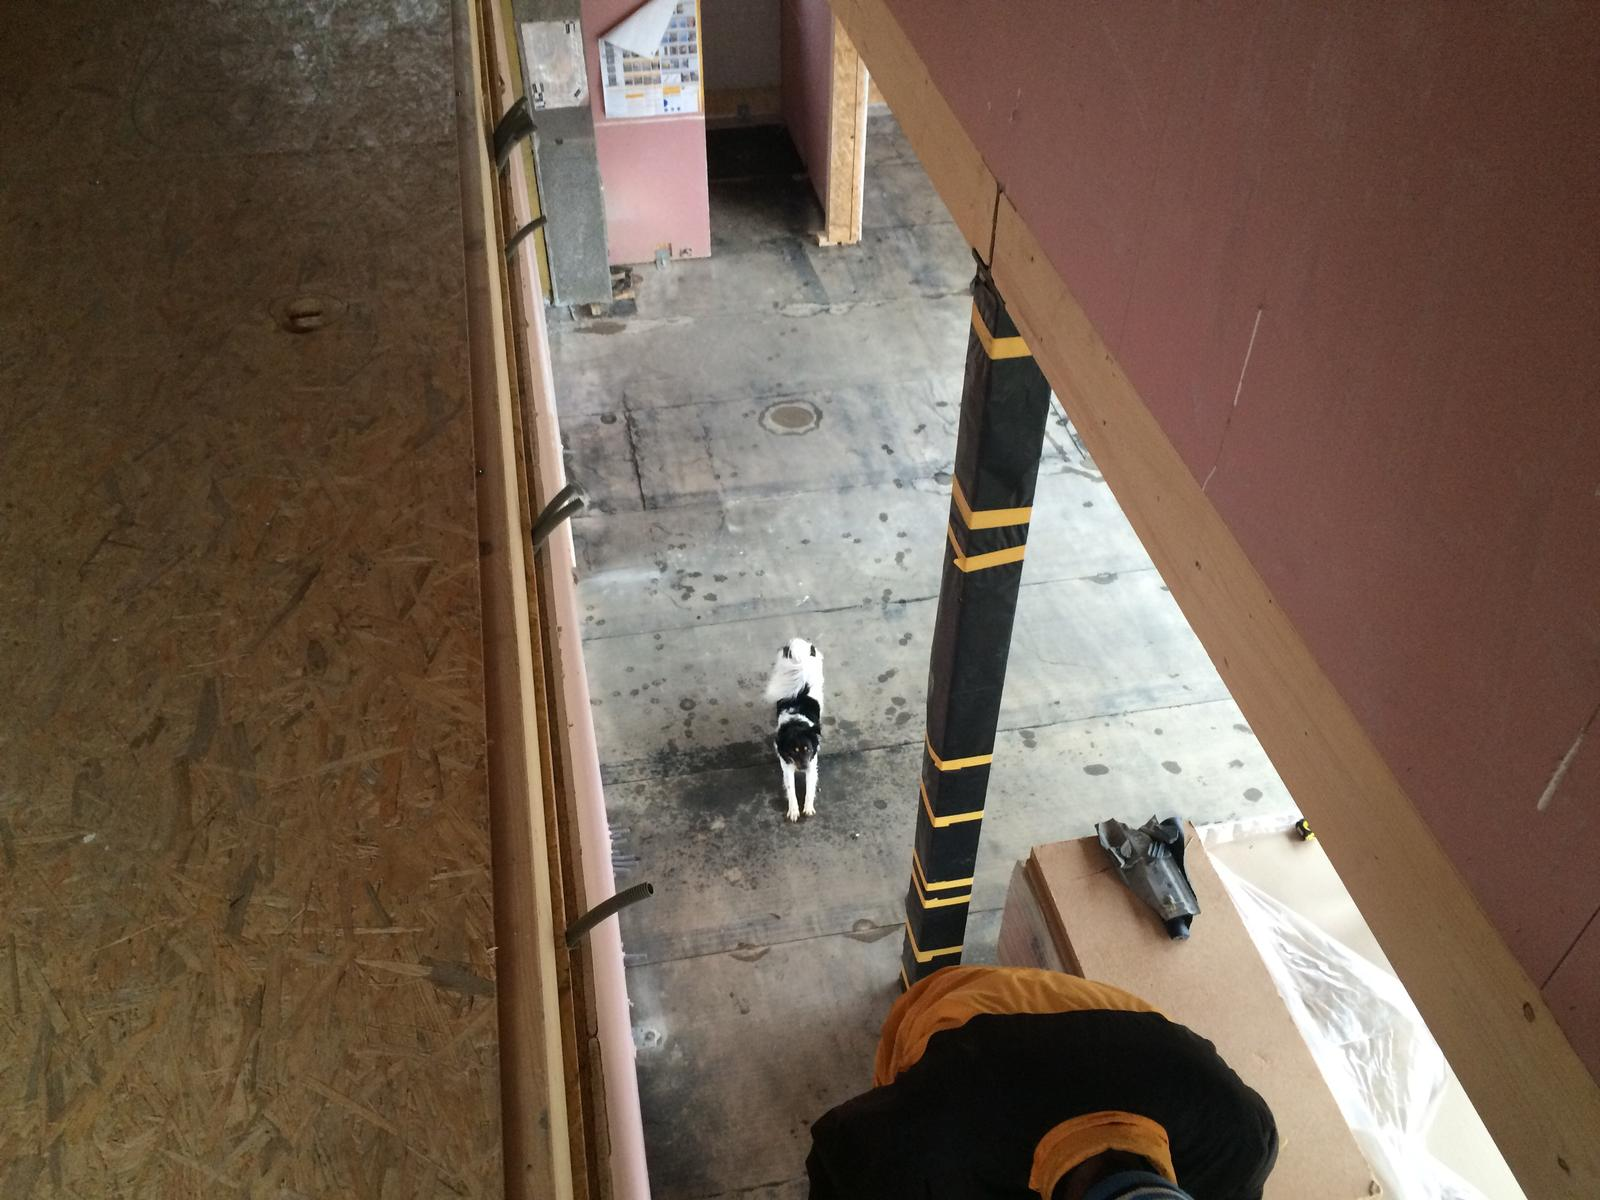 """Sedliacky dom, alias naša """"sýpka"""" - Fesak este nema schody, aby za nami vybehol :-)"""